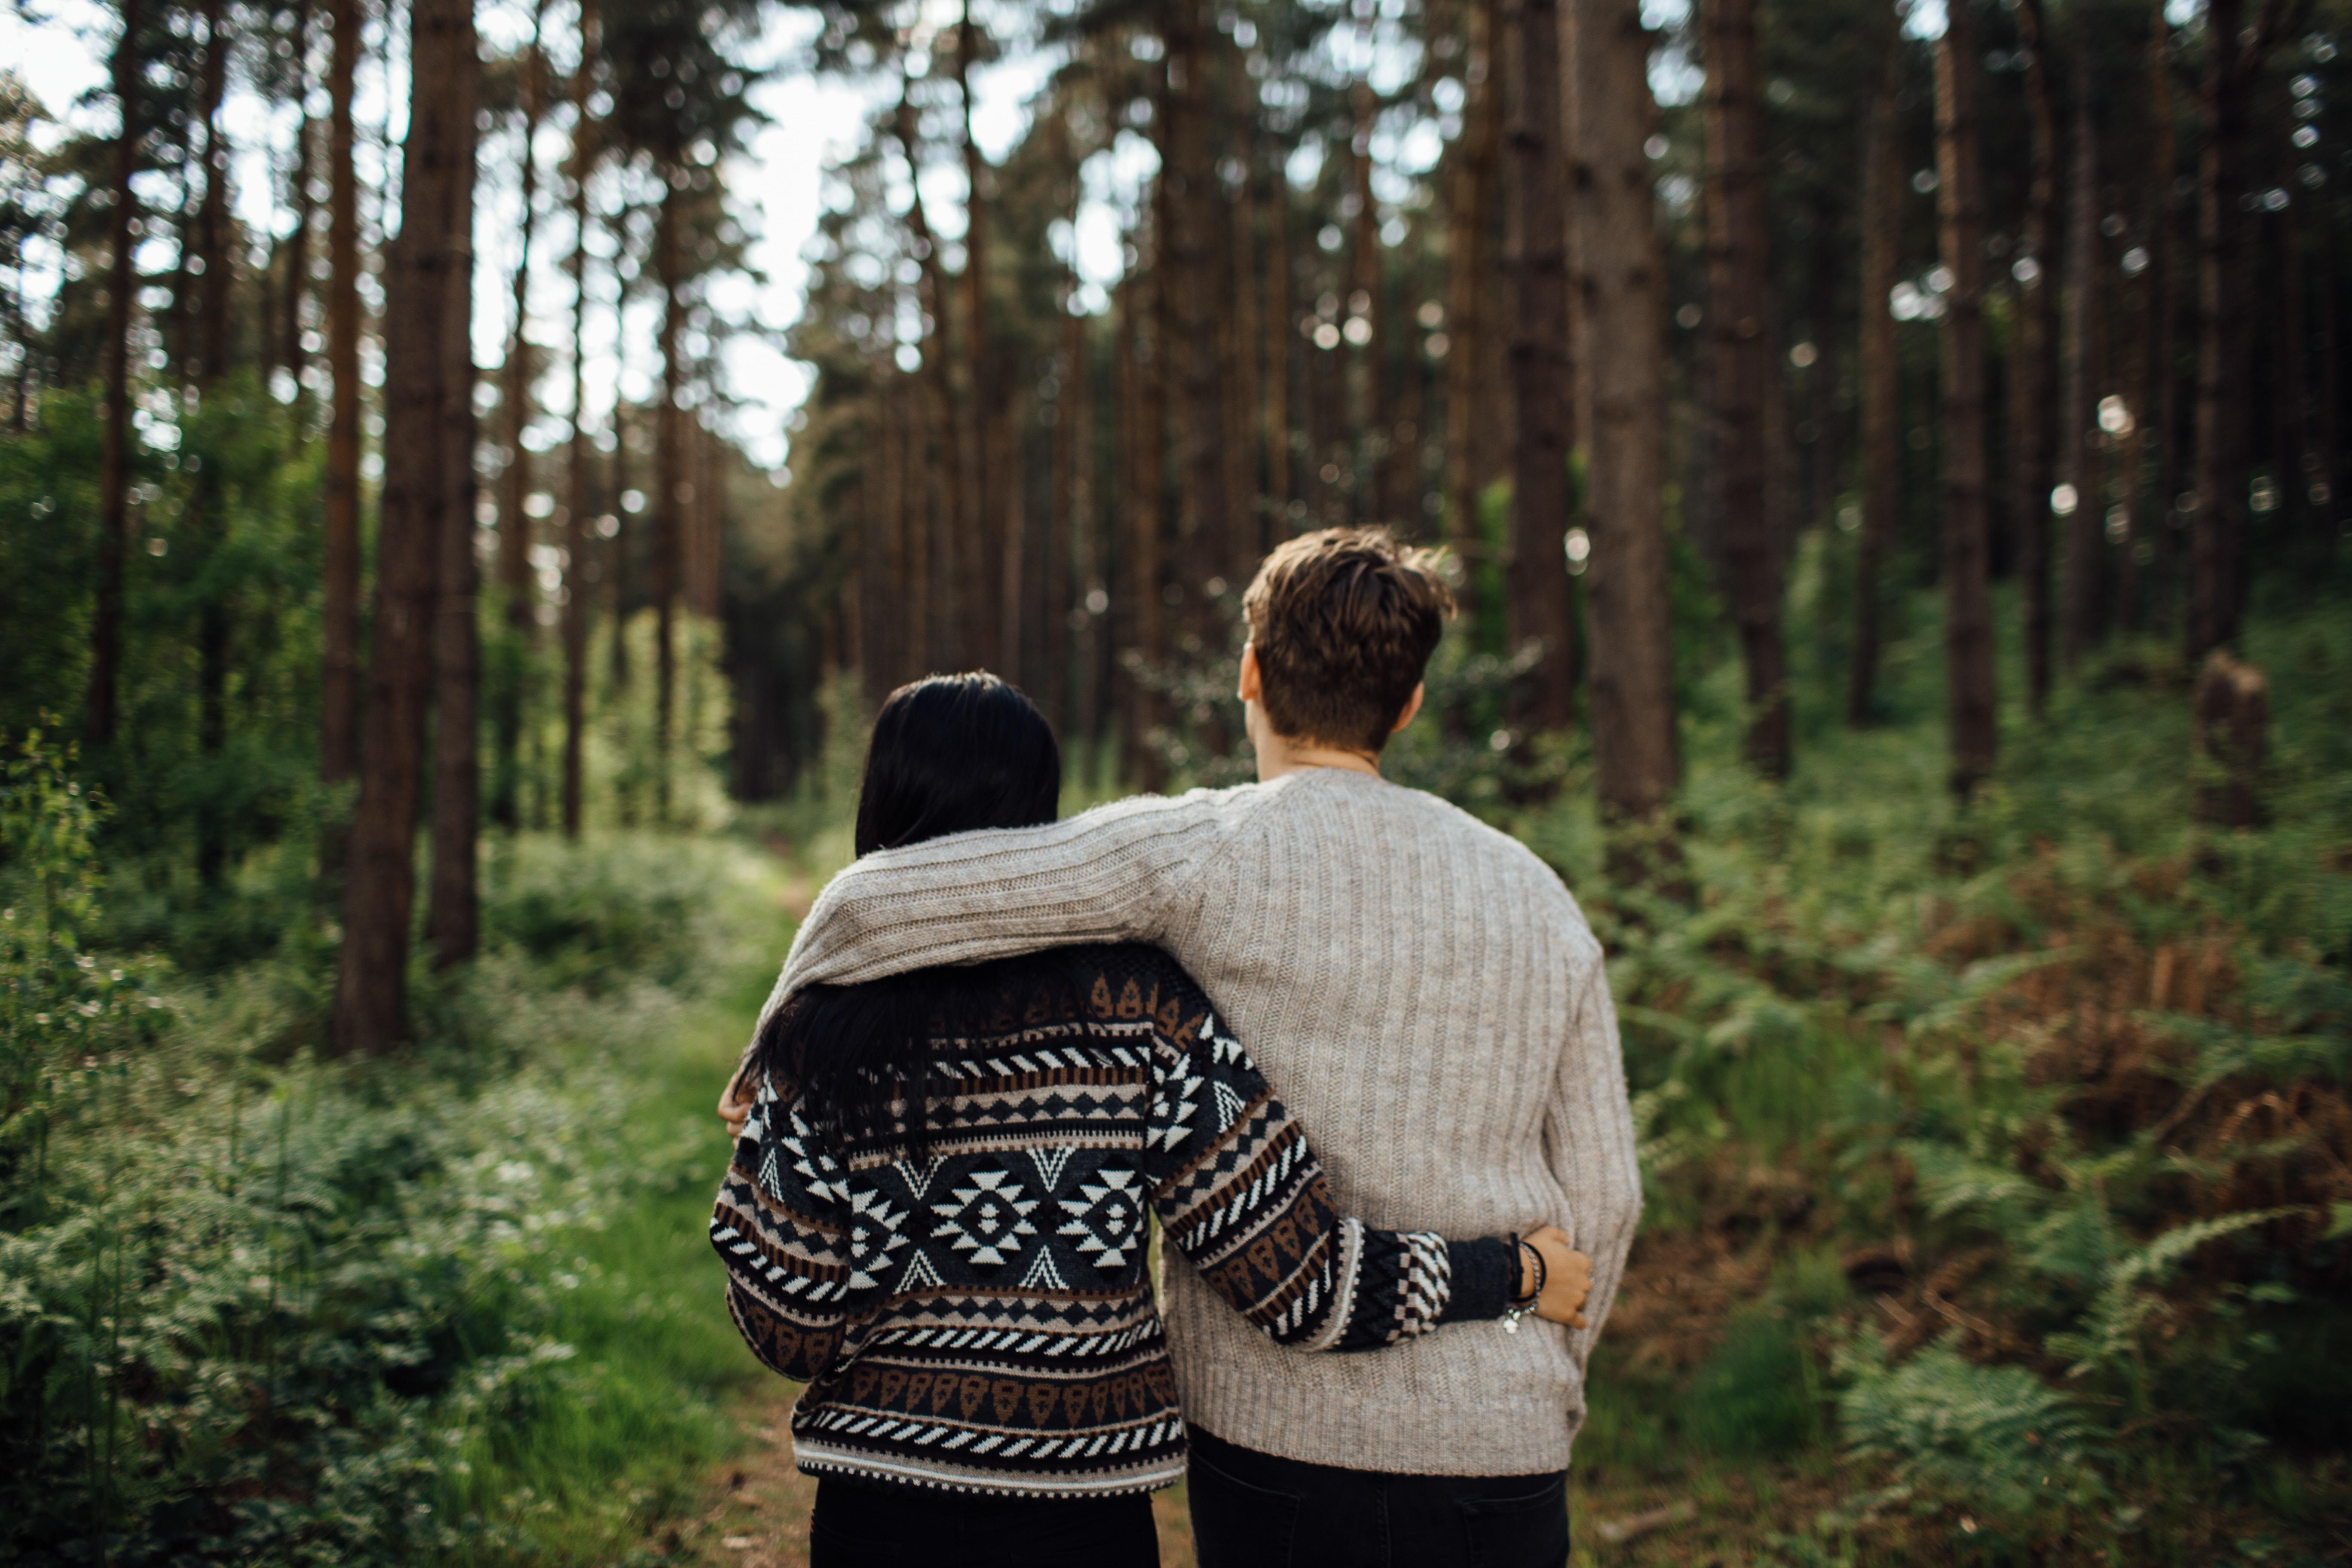 man's left arm over woman's shoulder